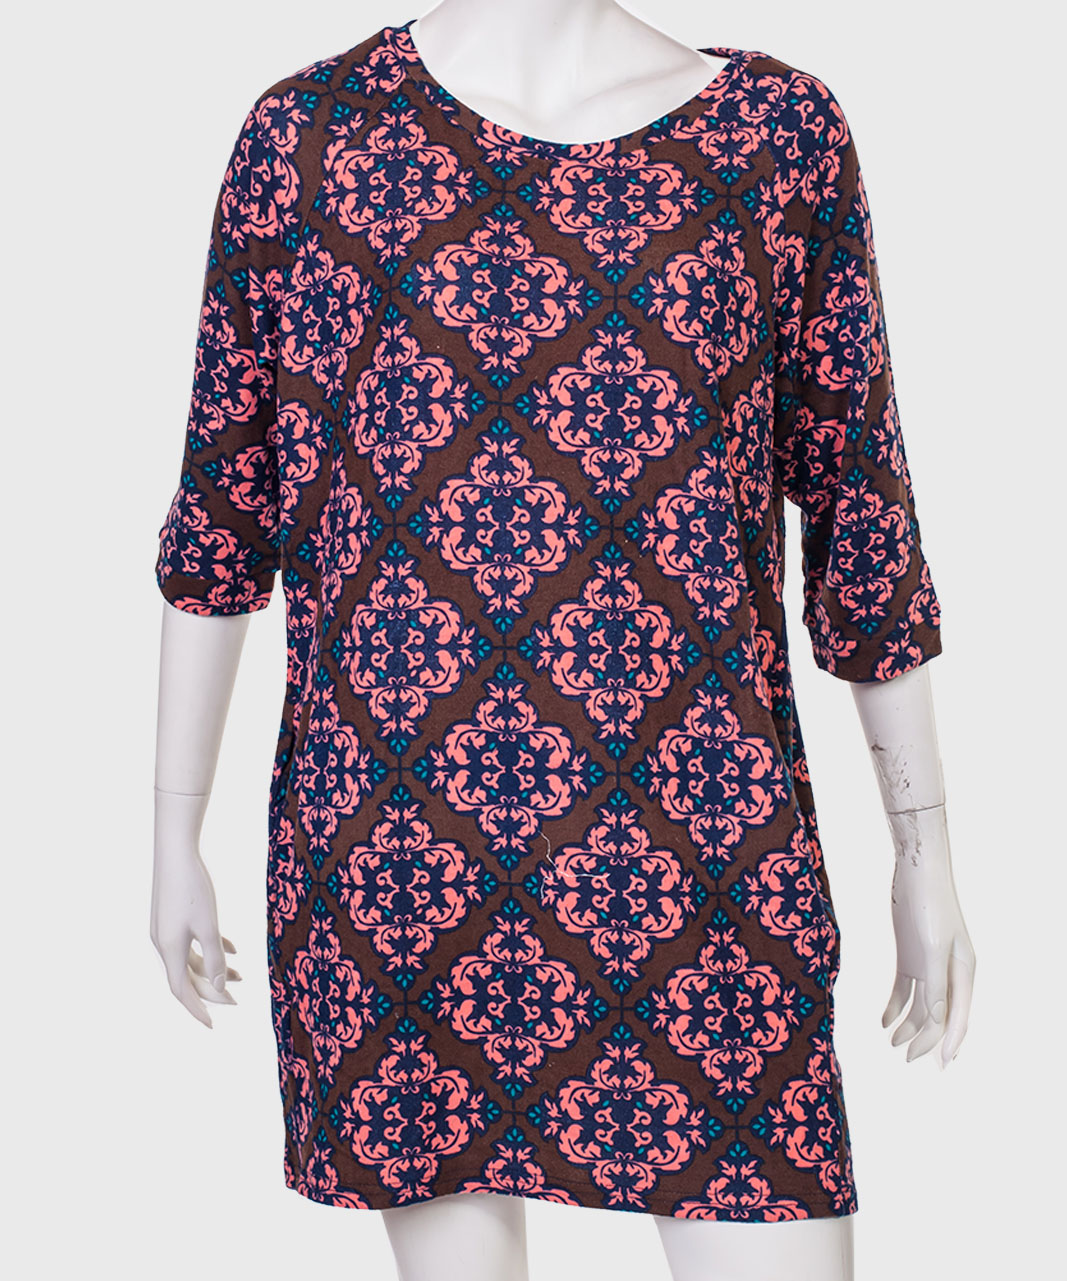 Купить милое платье от бренда All For Color